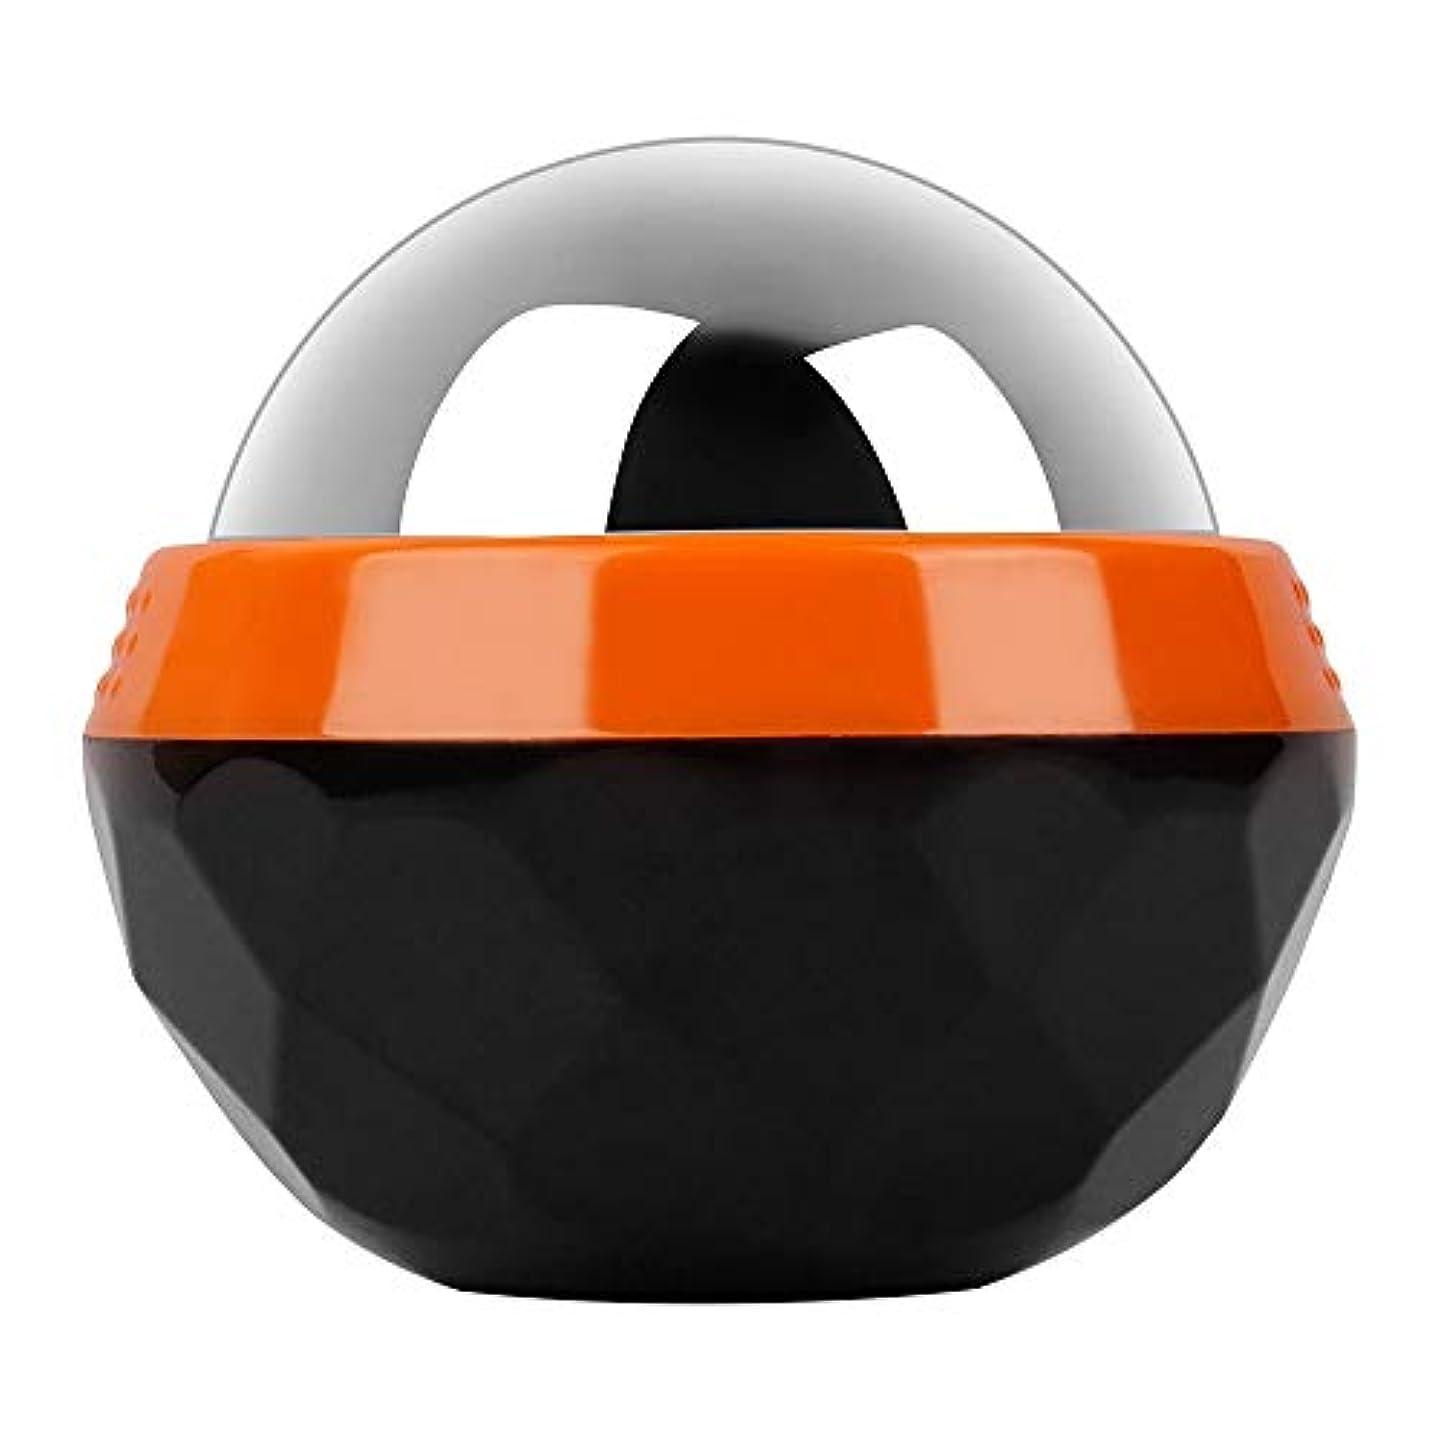 温かい計り知れない葉を拾うGeTooコールドマッサージローラーボール-2.4インチの氷球は6時間冷たさを持続、アイスセラピーディープティッシュマッサージ、オレンジとブラック